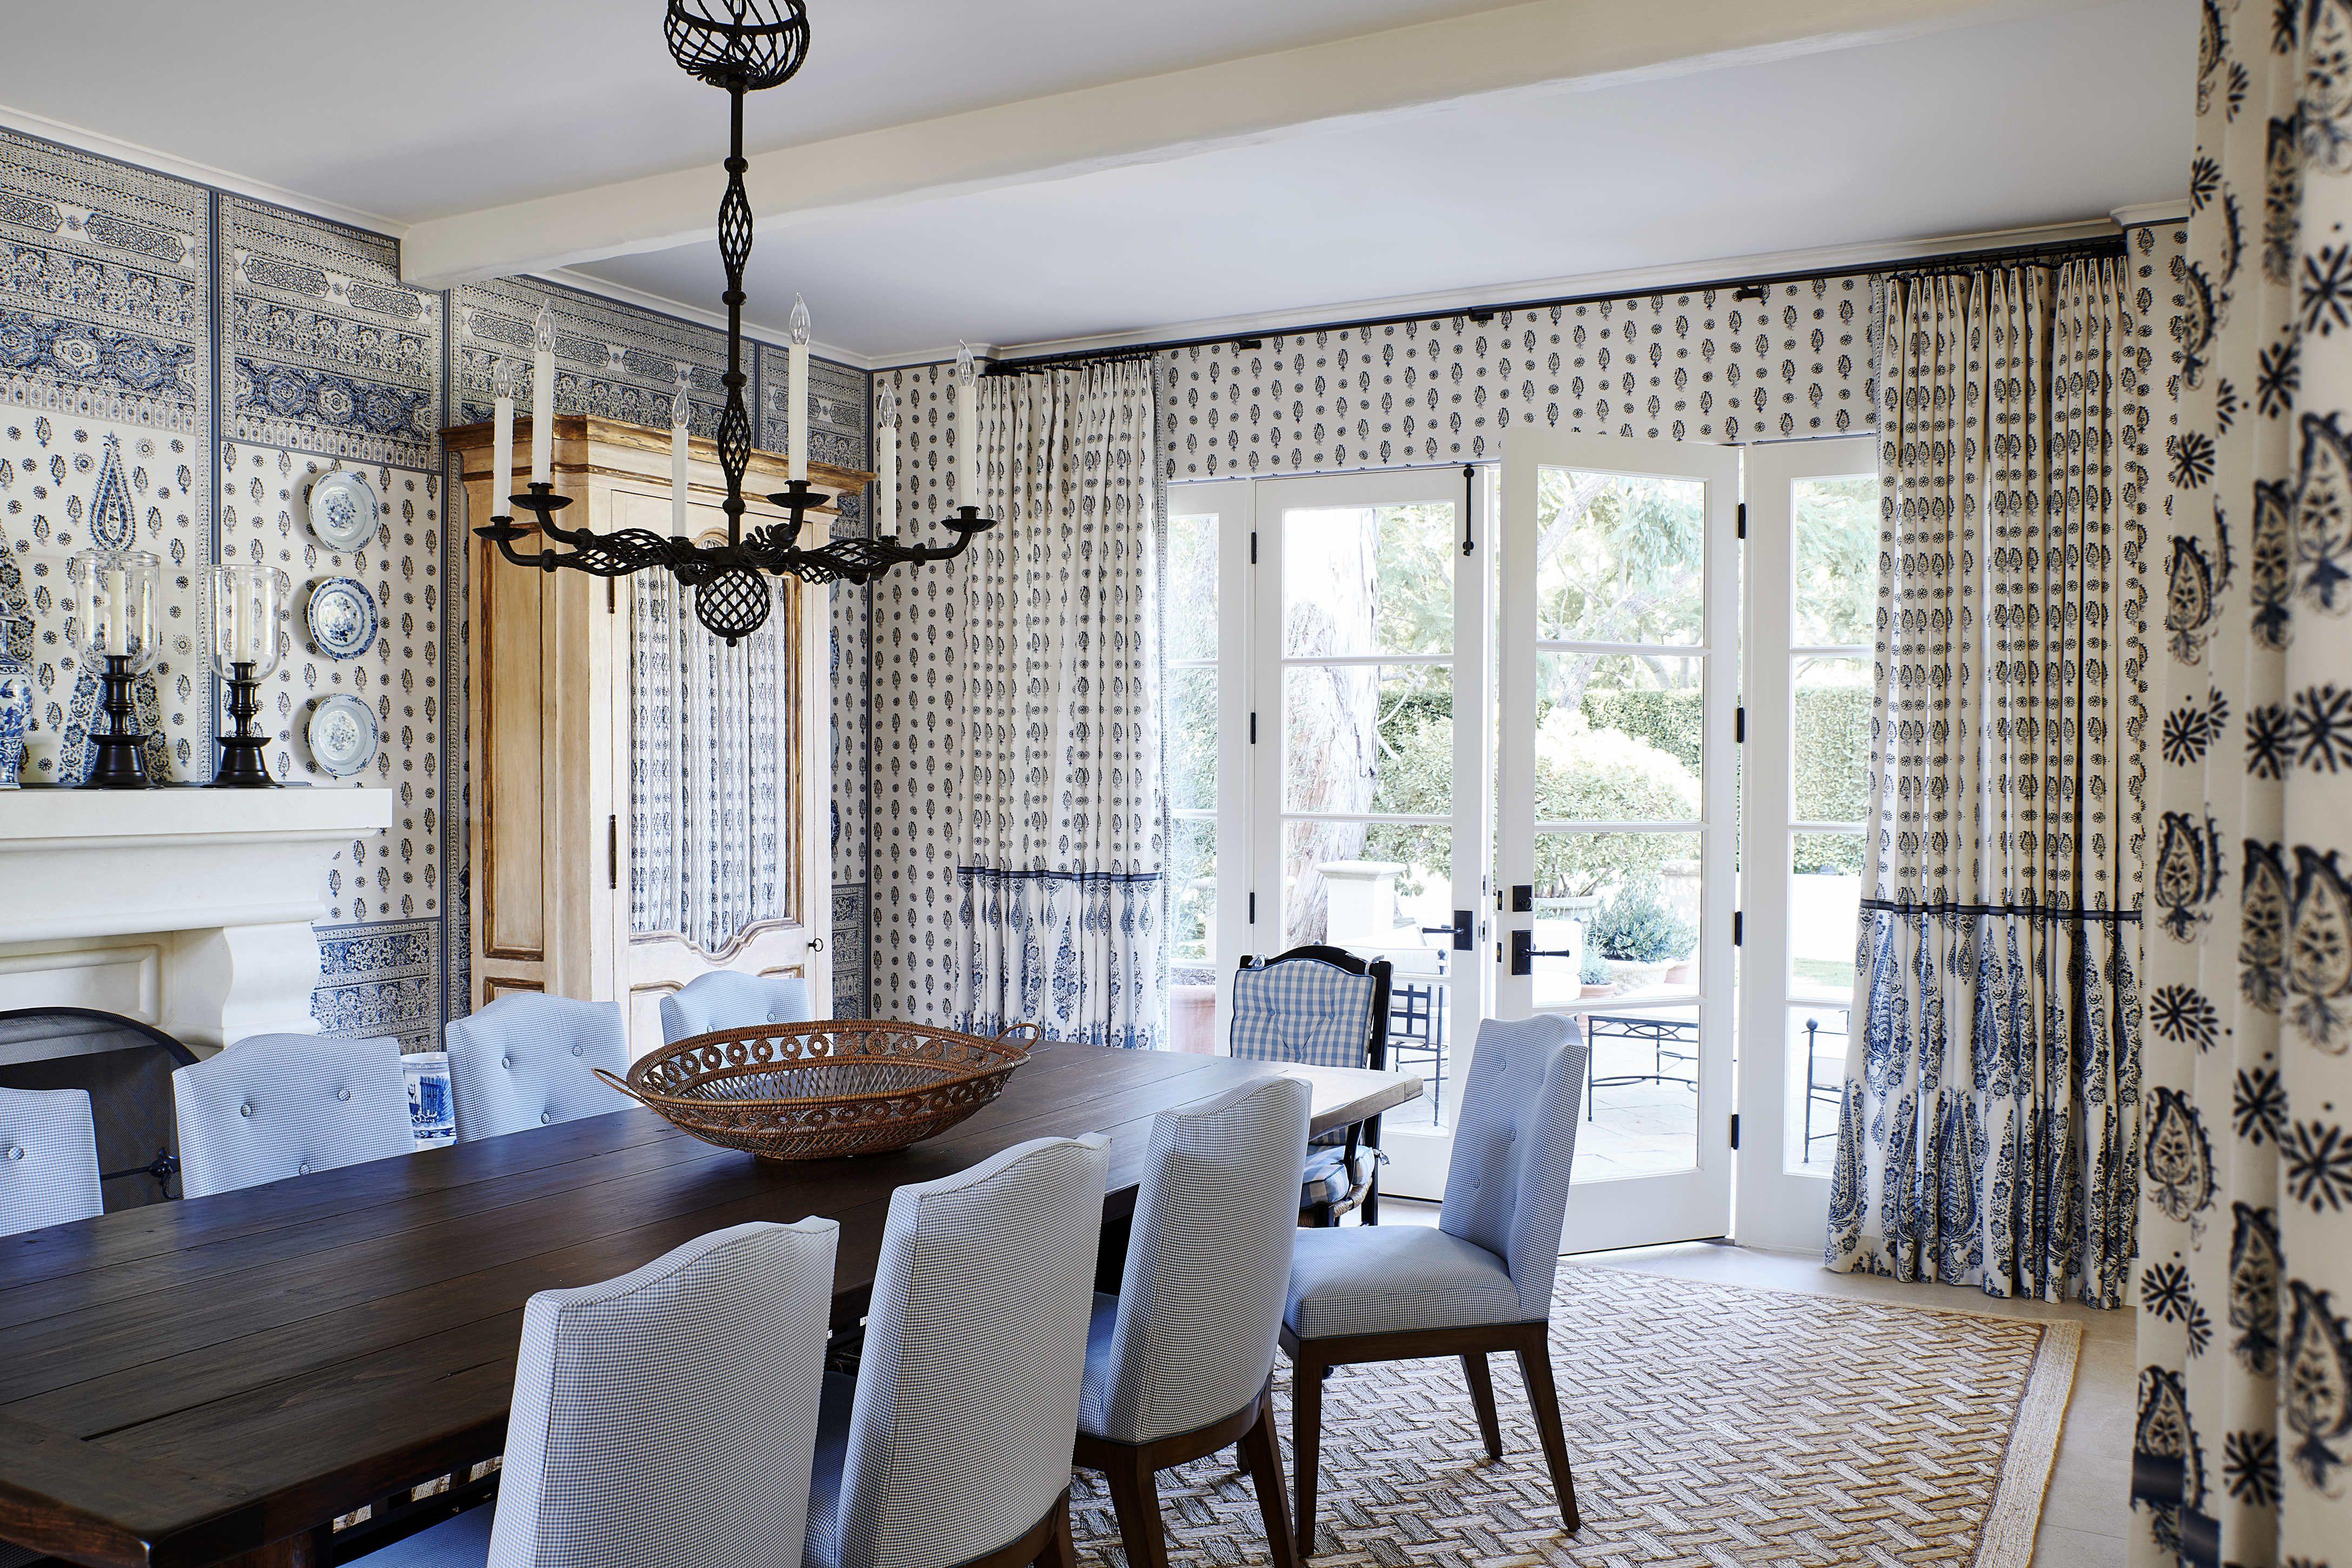 Designer Dining Rooms Decor, Silver Dining Room Ideas